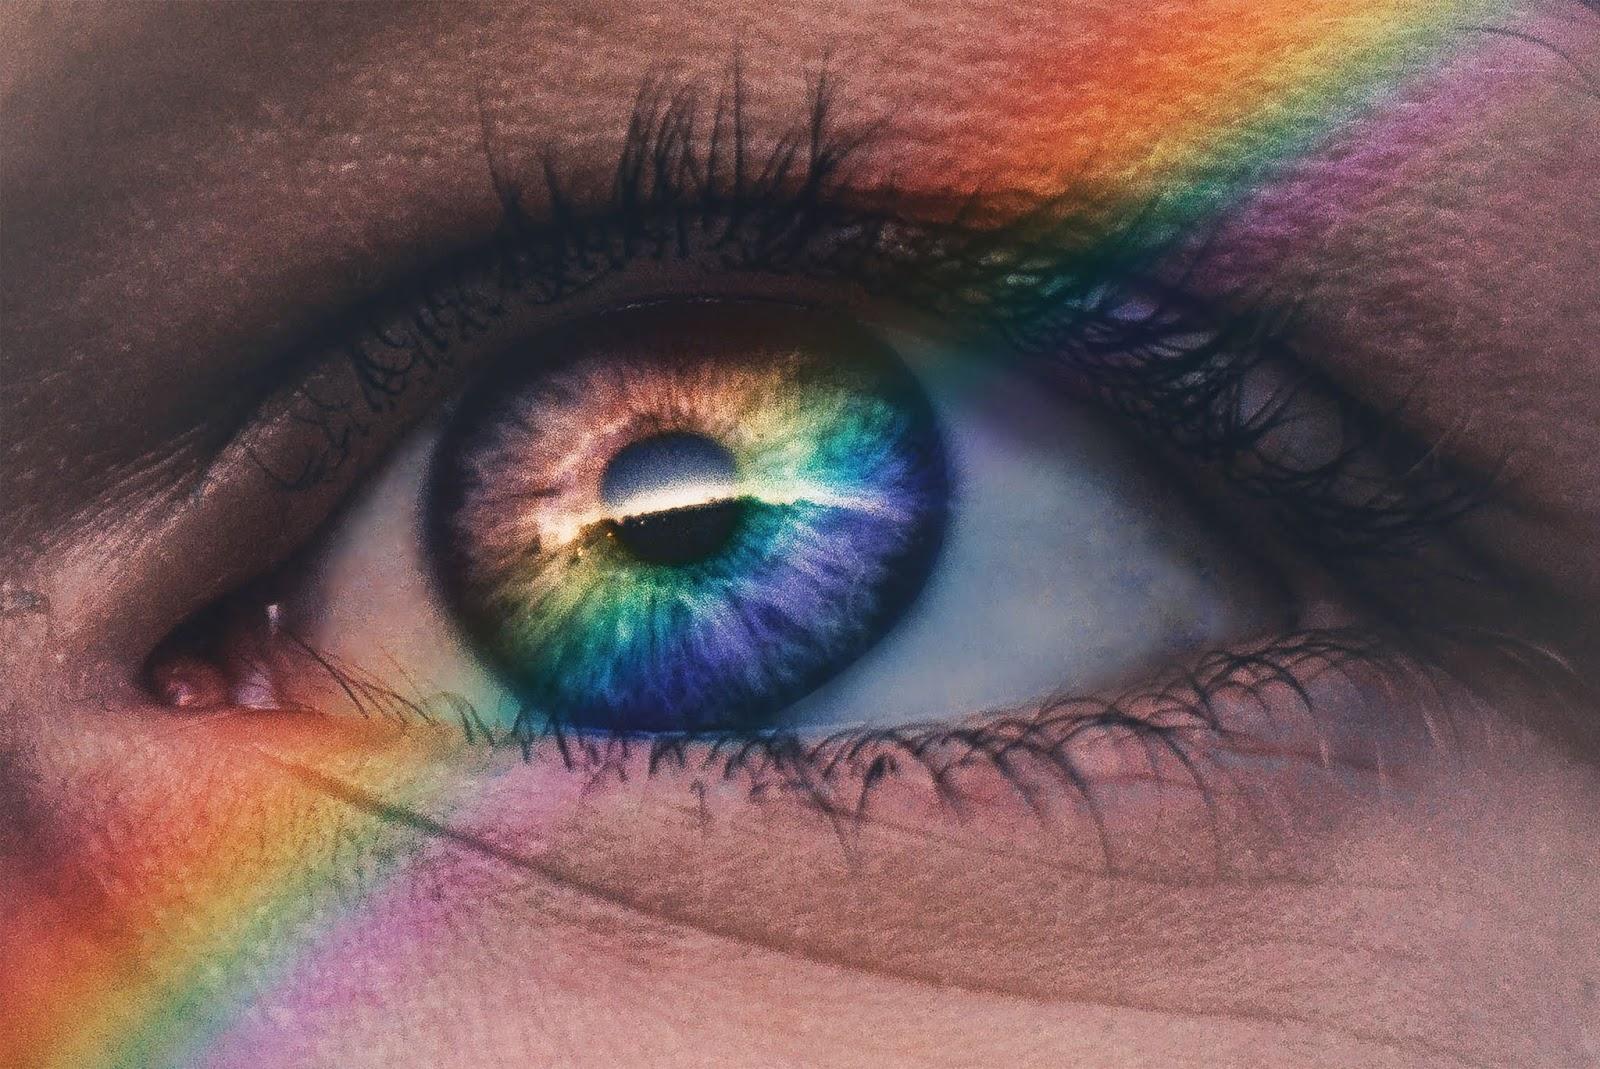 queer, ally, LGBT+, sojusznictwo, sojusznik, sojuszniczka, wsparcie, osoby nieheteronormatywne